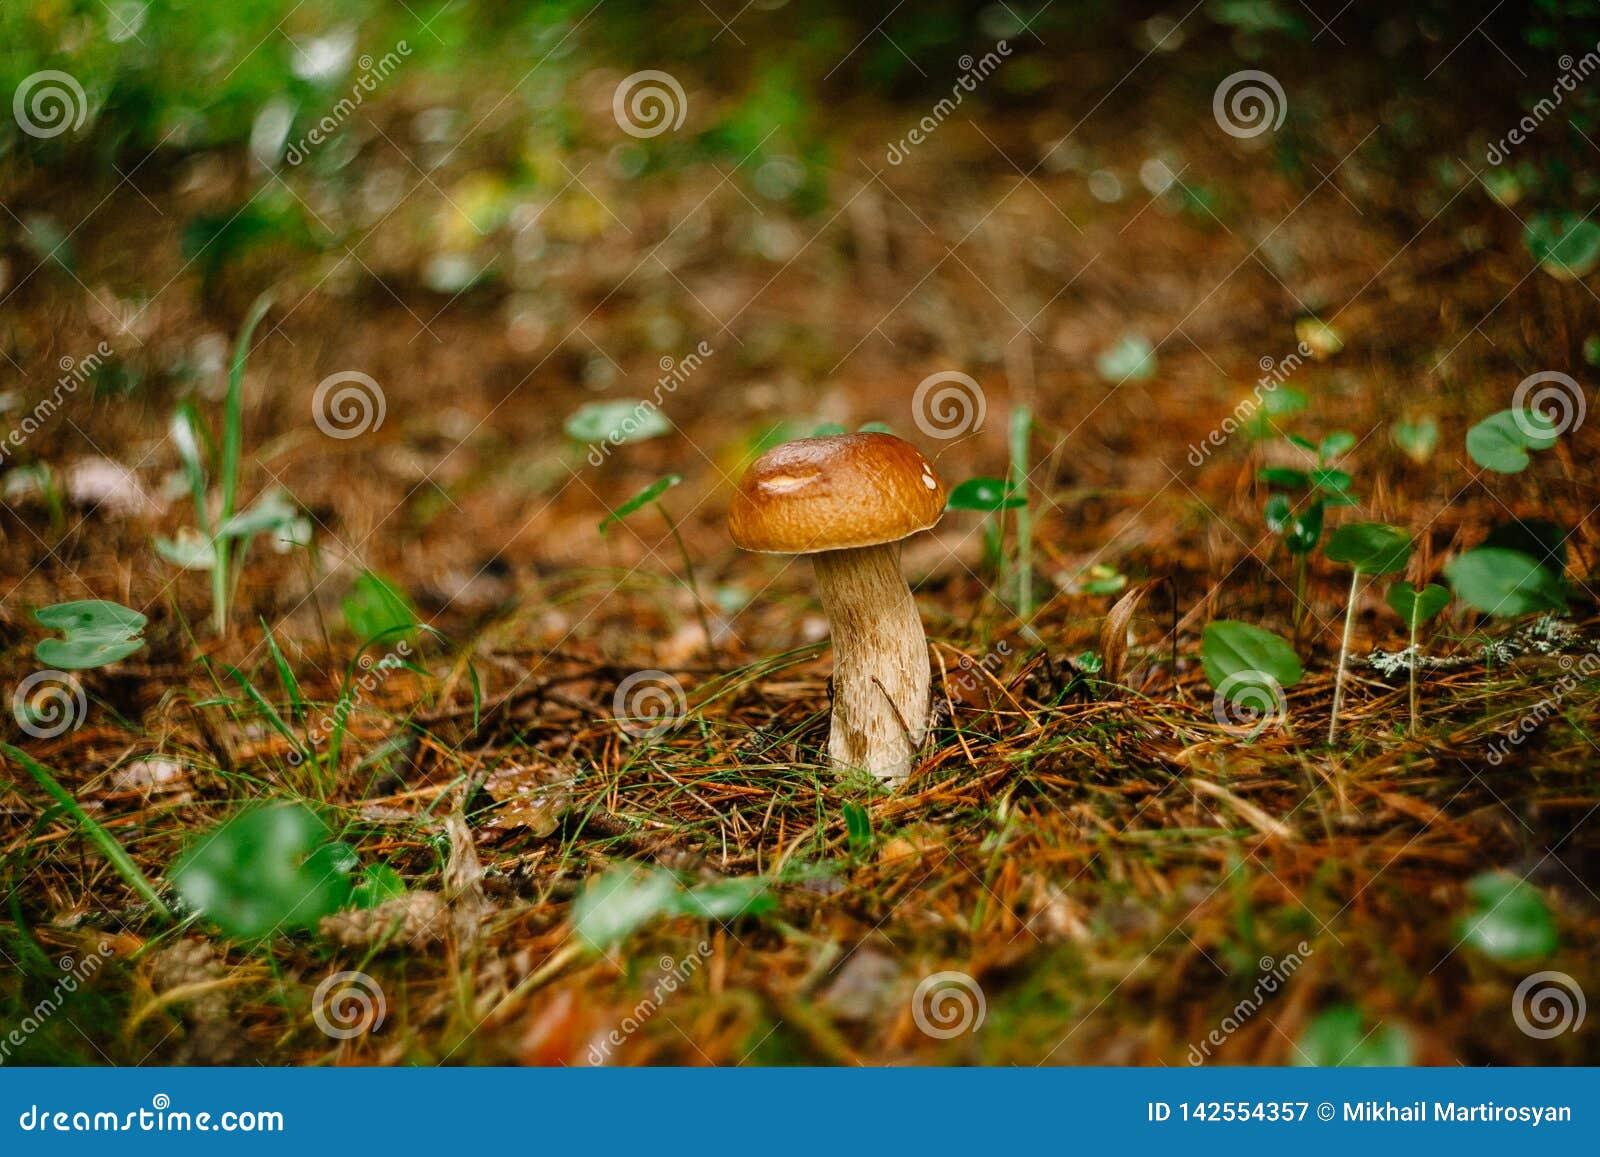 Sélection des champignons et des canneberges dans la forêt pendant l été ou l automne tôt Jours d été Les champignons et les baie